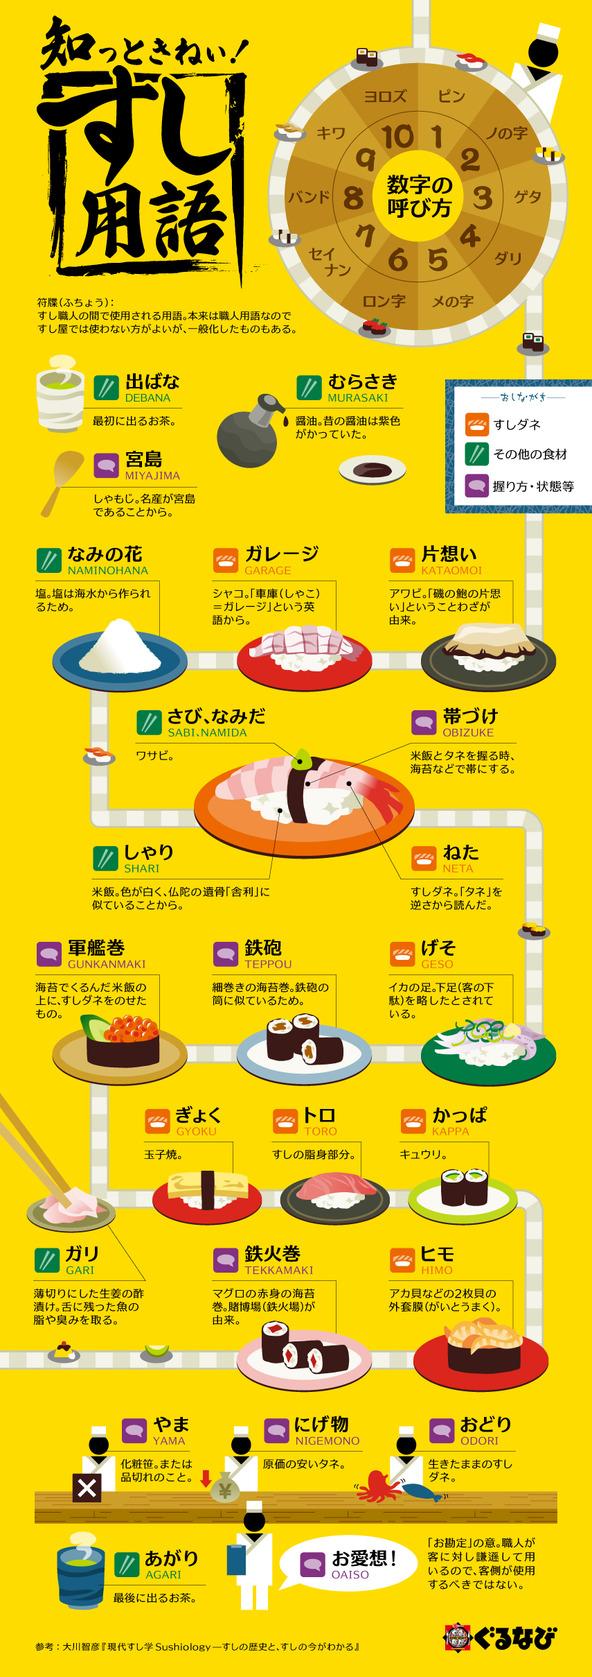 インフォグラフィック:寿司職人の専門用語、符牒24用語。やま、にげ物、おどり